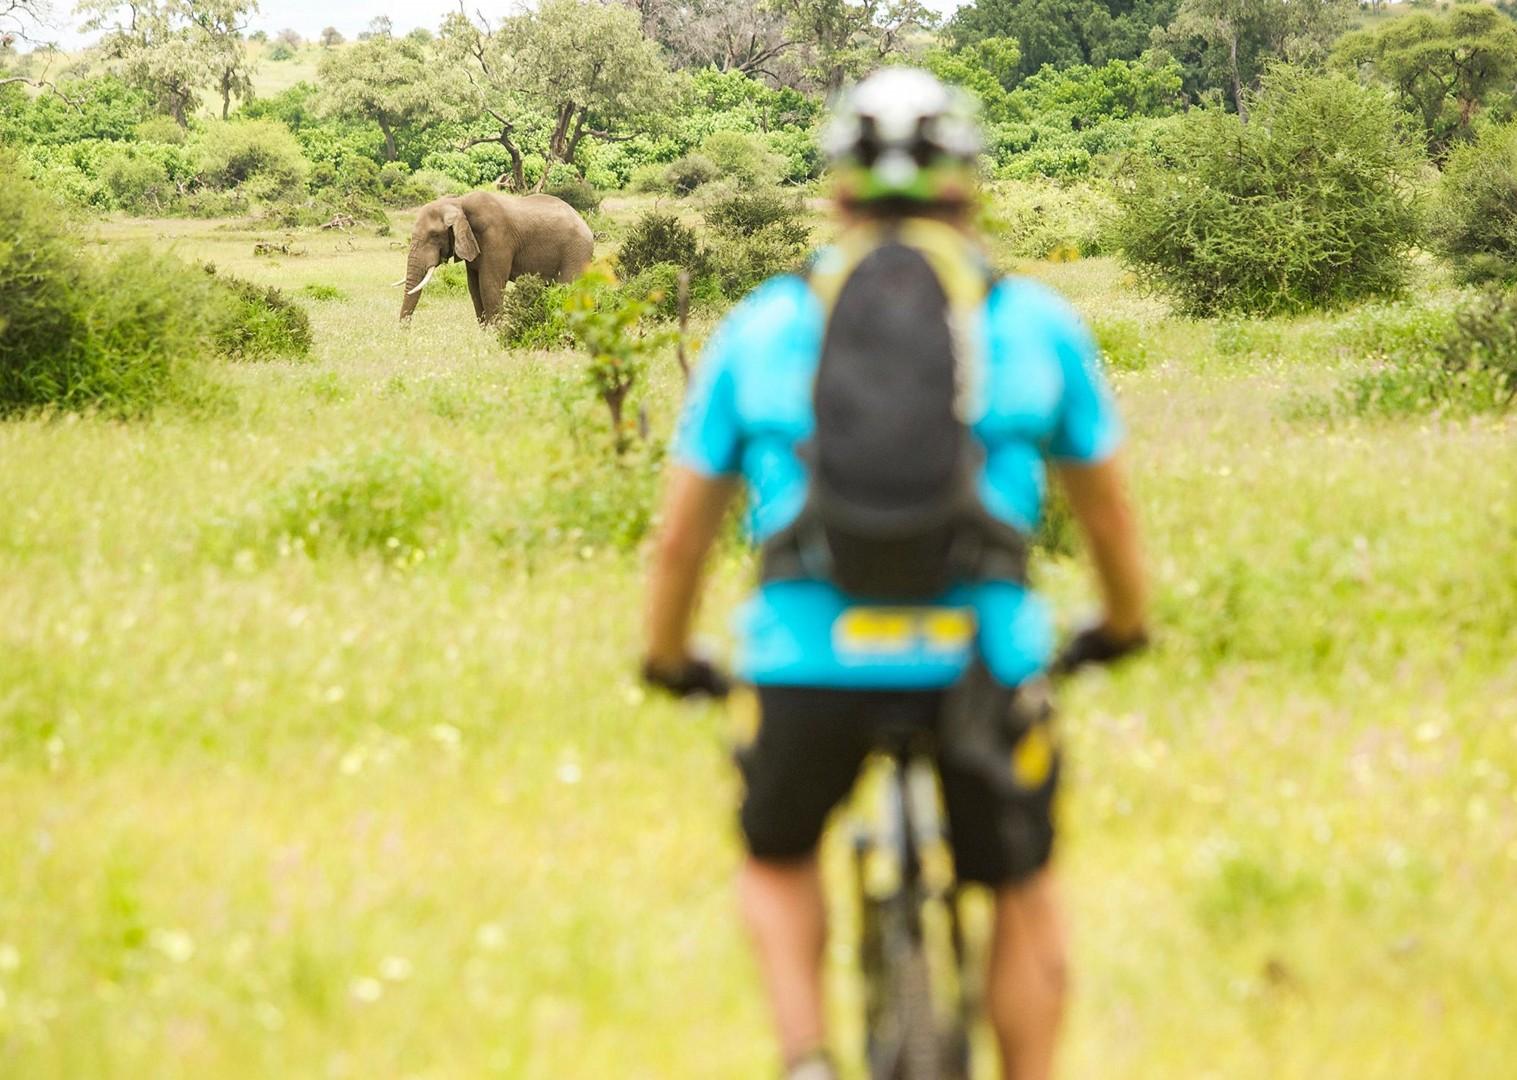 wilderness-south-africa-botswana-mountain-bike-elephants-holiday-saddle-skedaddle.jpg - NEW! South Africa and Botswana - Mountain Biking